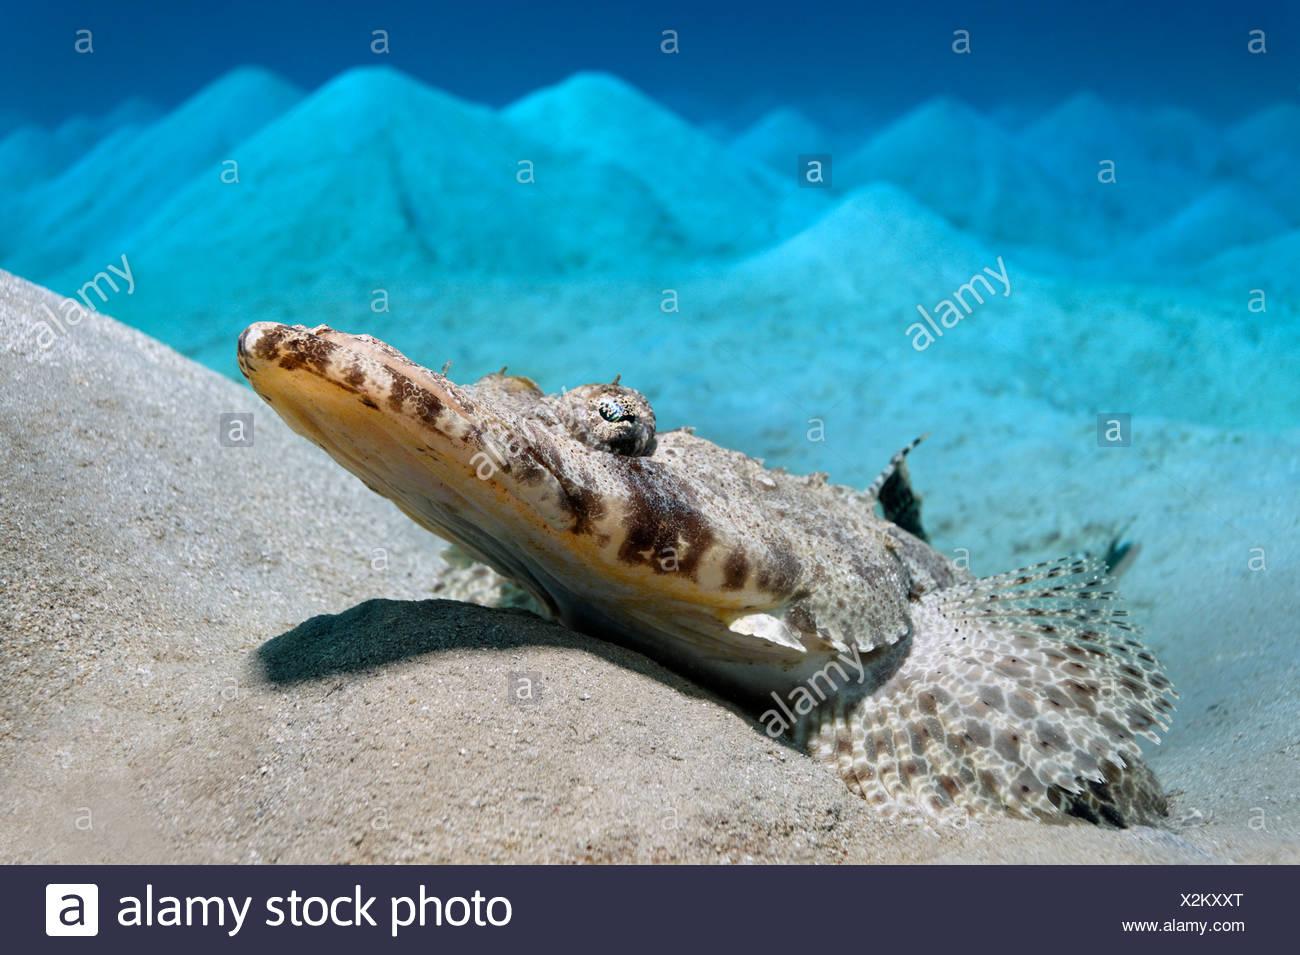 Alfombra de cabeza plana (Papilloculiceps longiceps) tumbado sobre un fondo arenoso, montañoso, Makadi Bay, Hurghada, Egipto, Mar Rojo, África Imagen De Stock